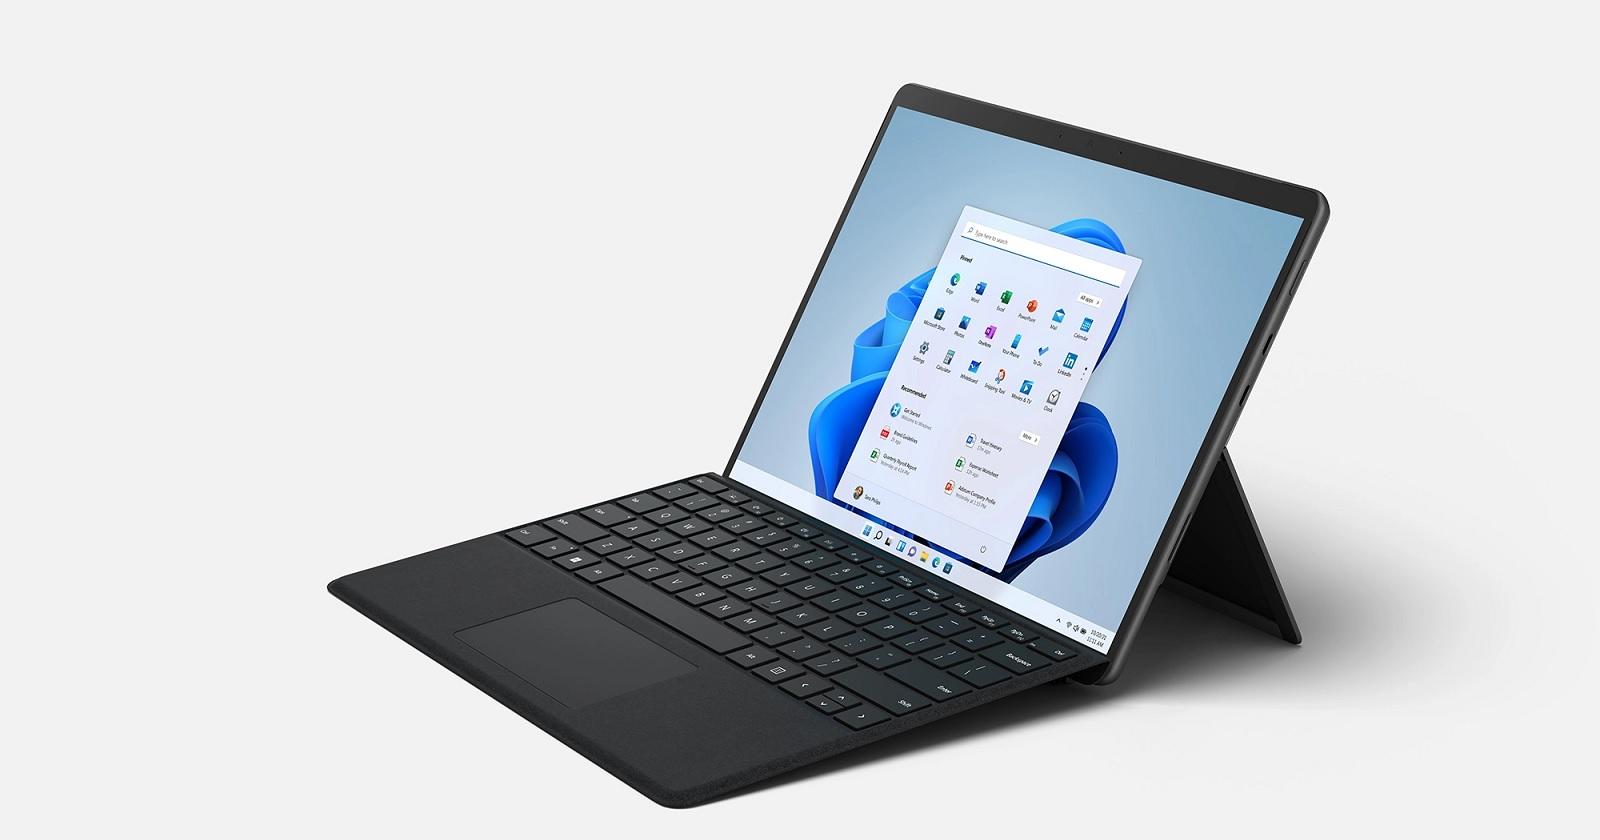 Surface Pro 8 hinge